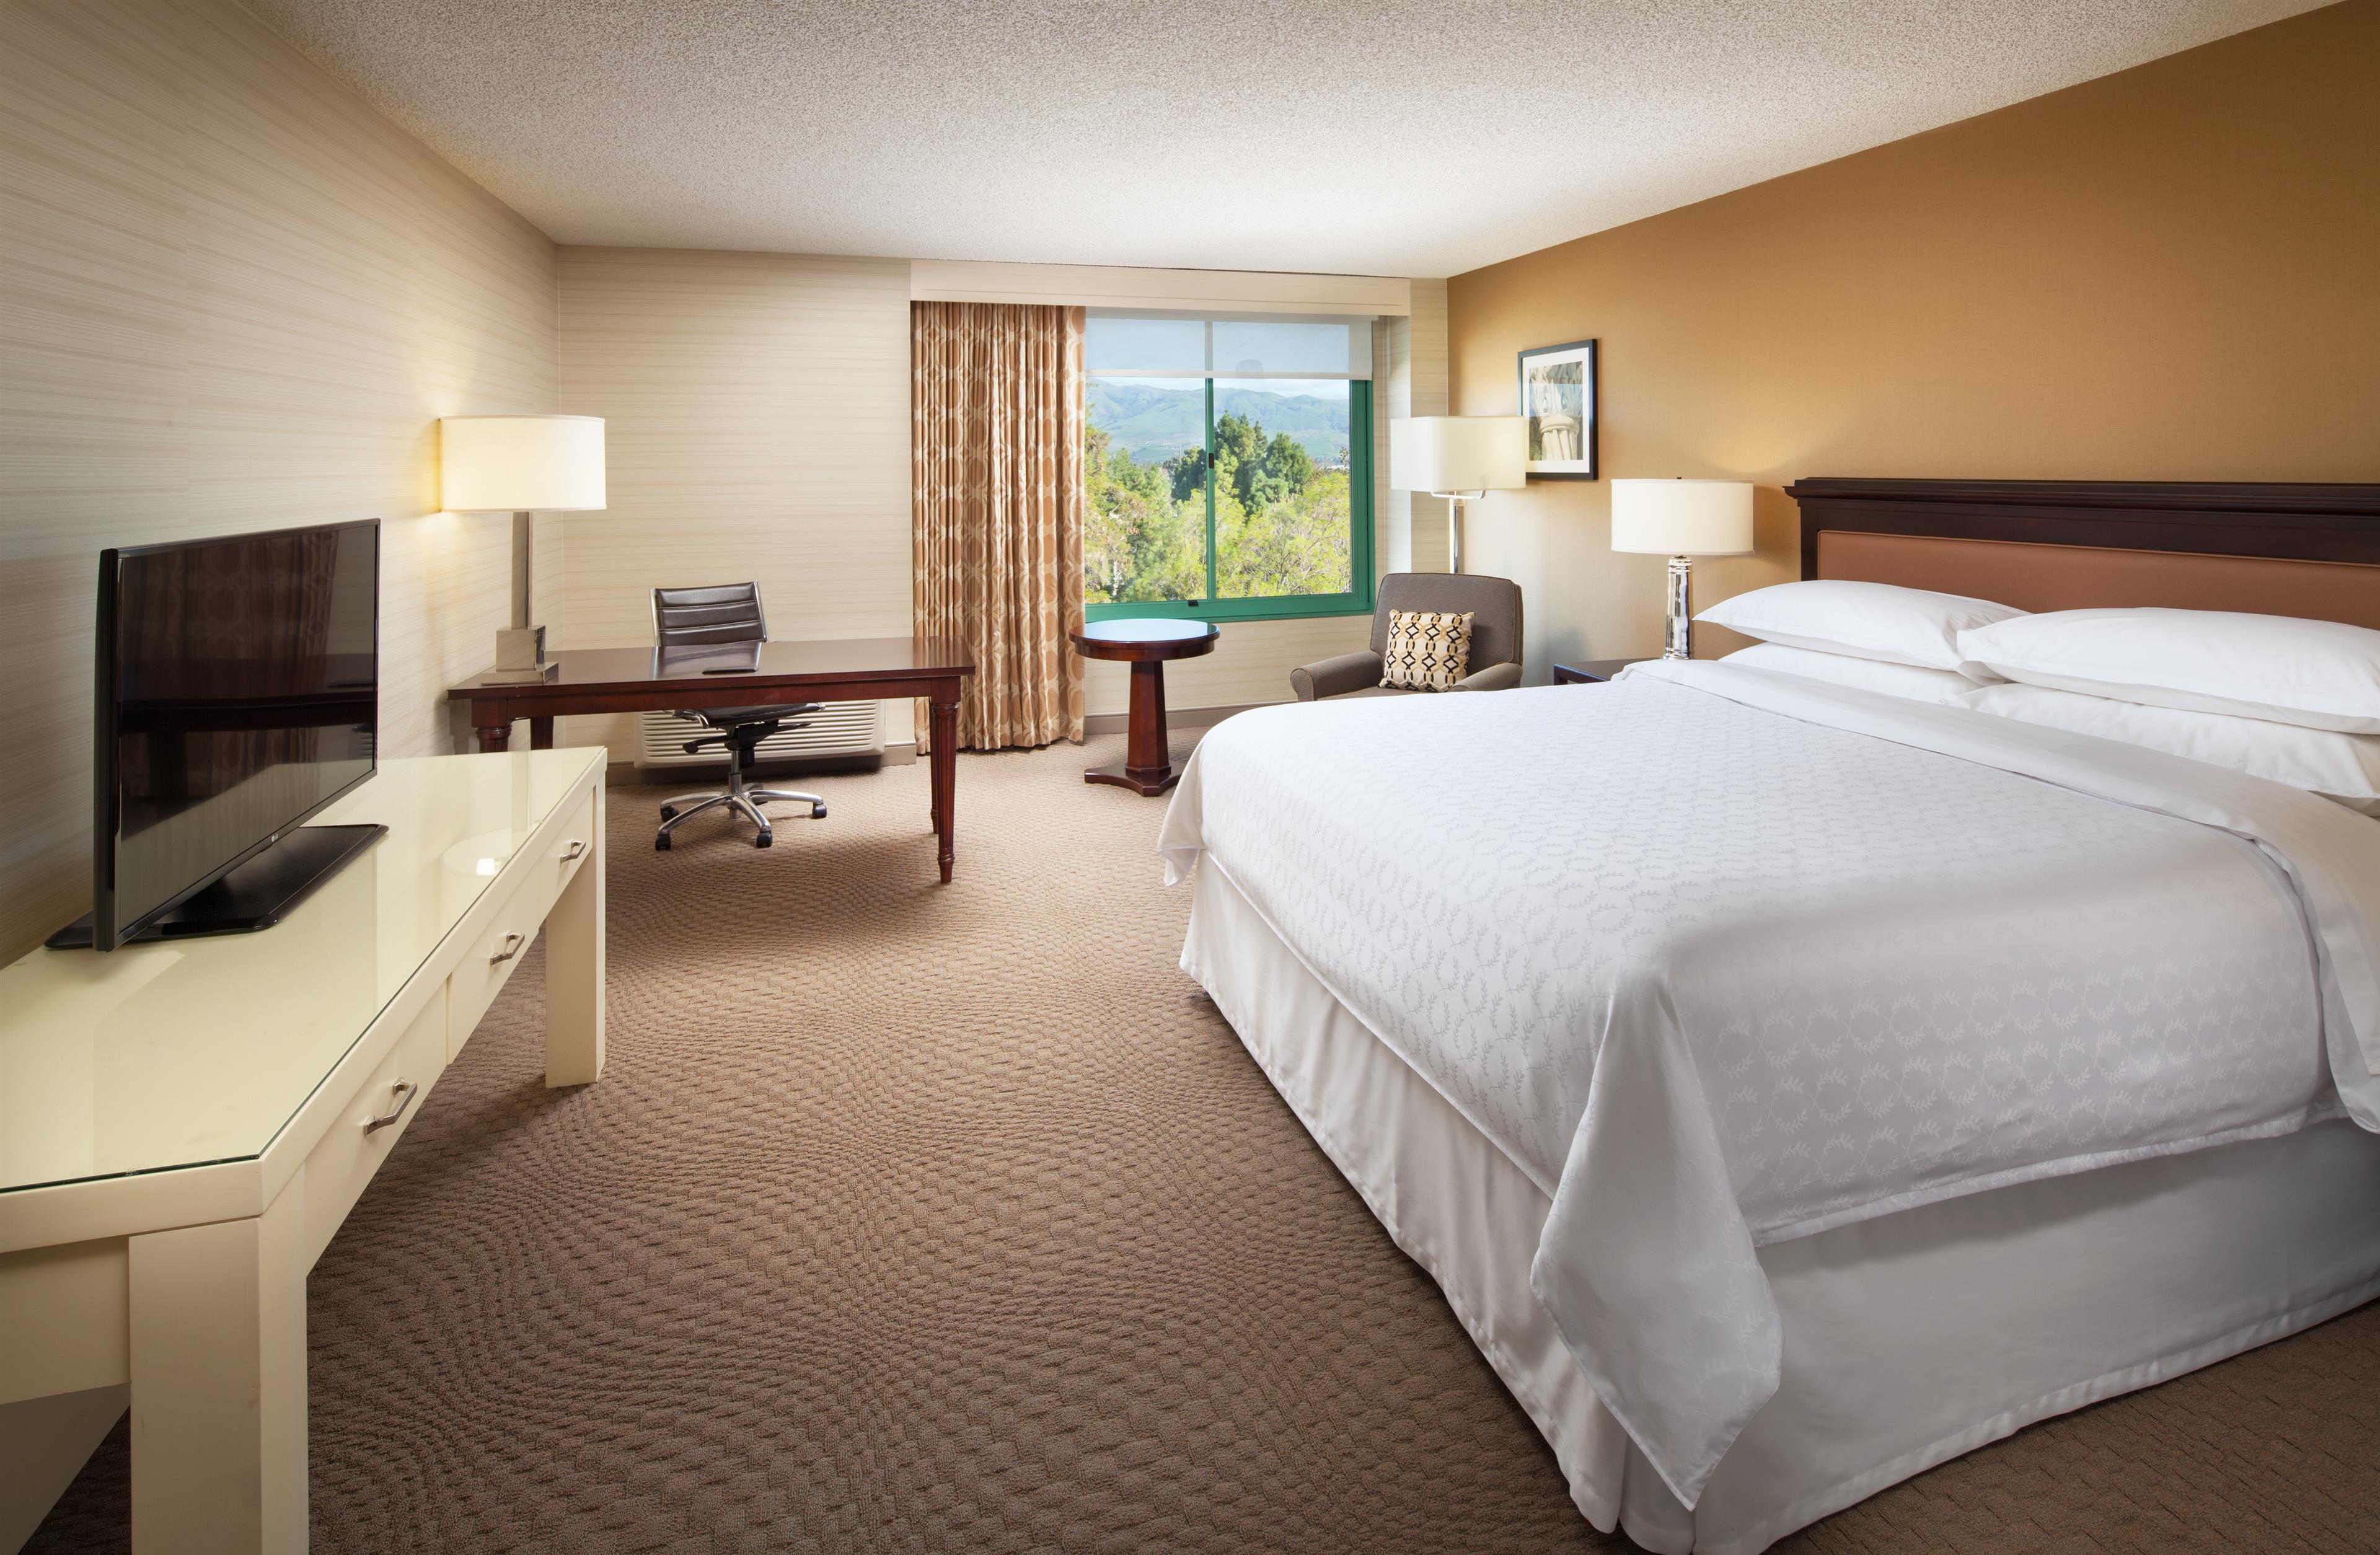 Sheraton San Jose Hotel image 11